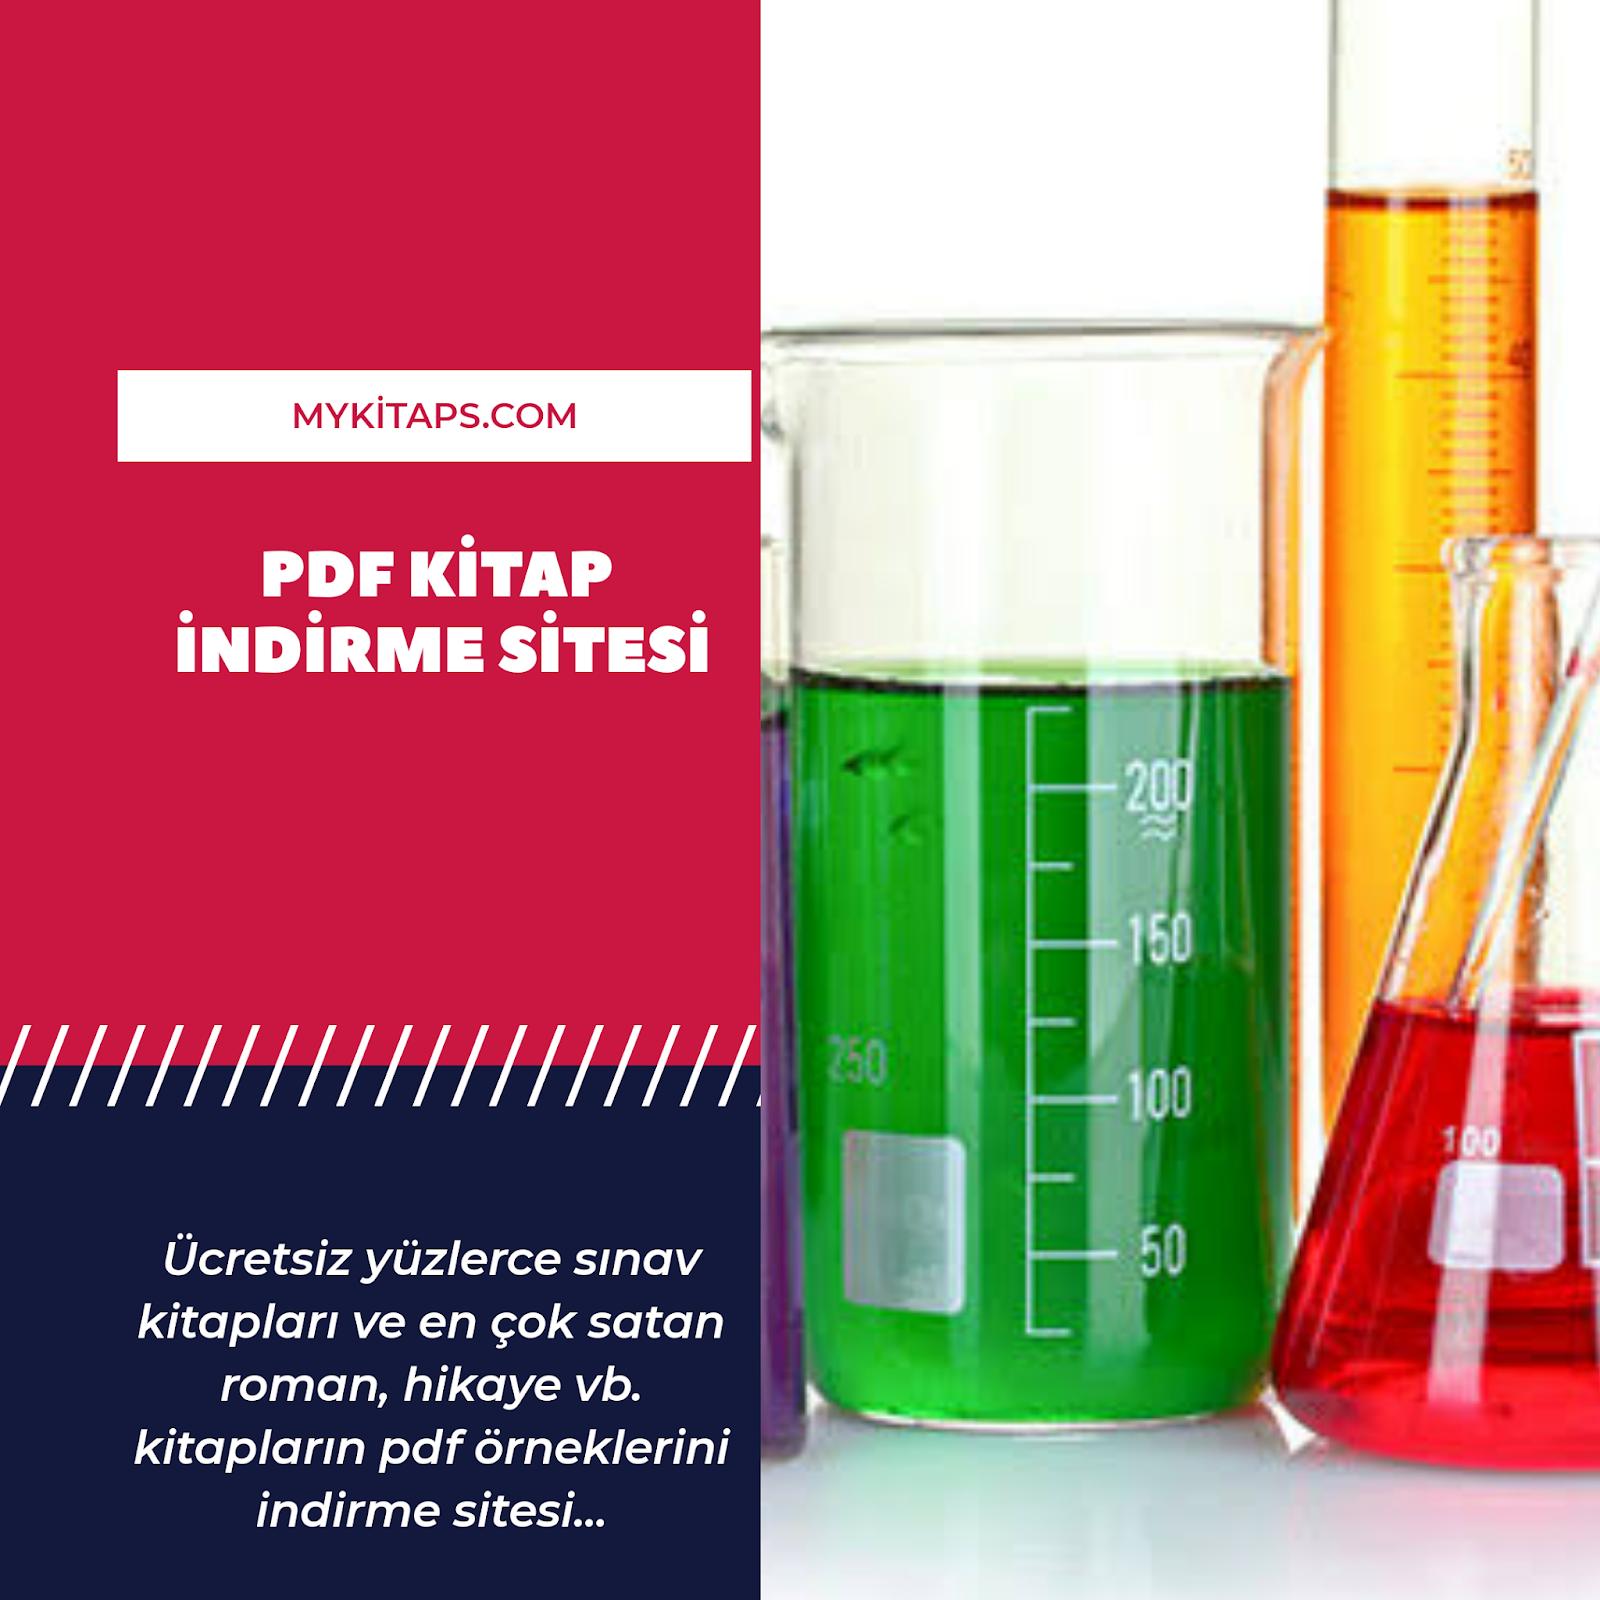 TYT Biyoloji Defteri PDF İndir